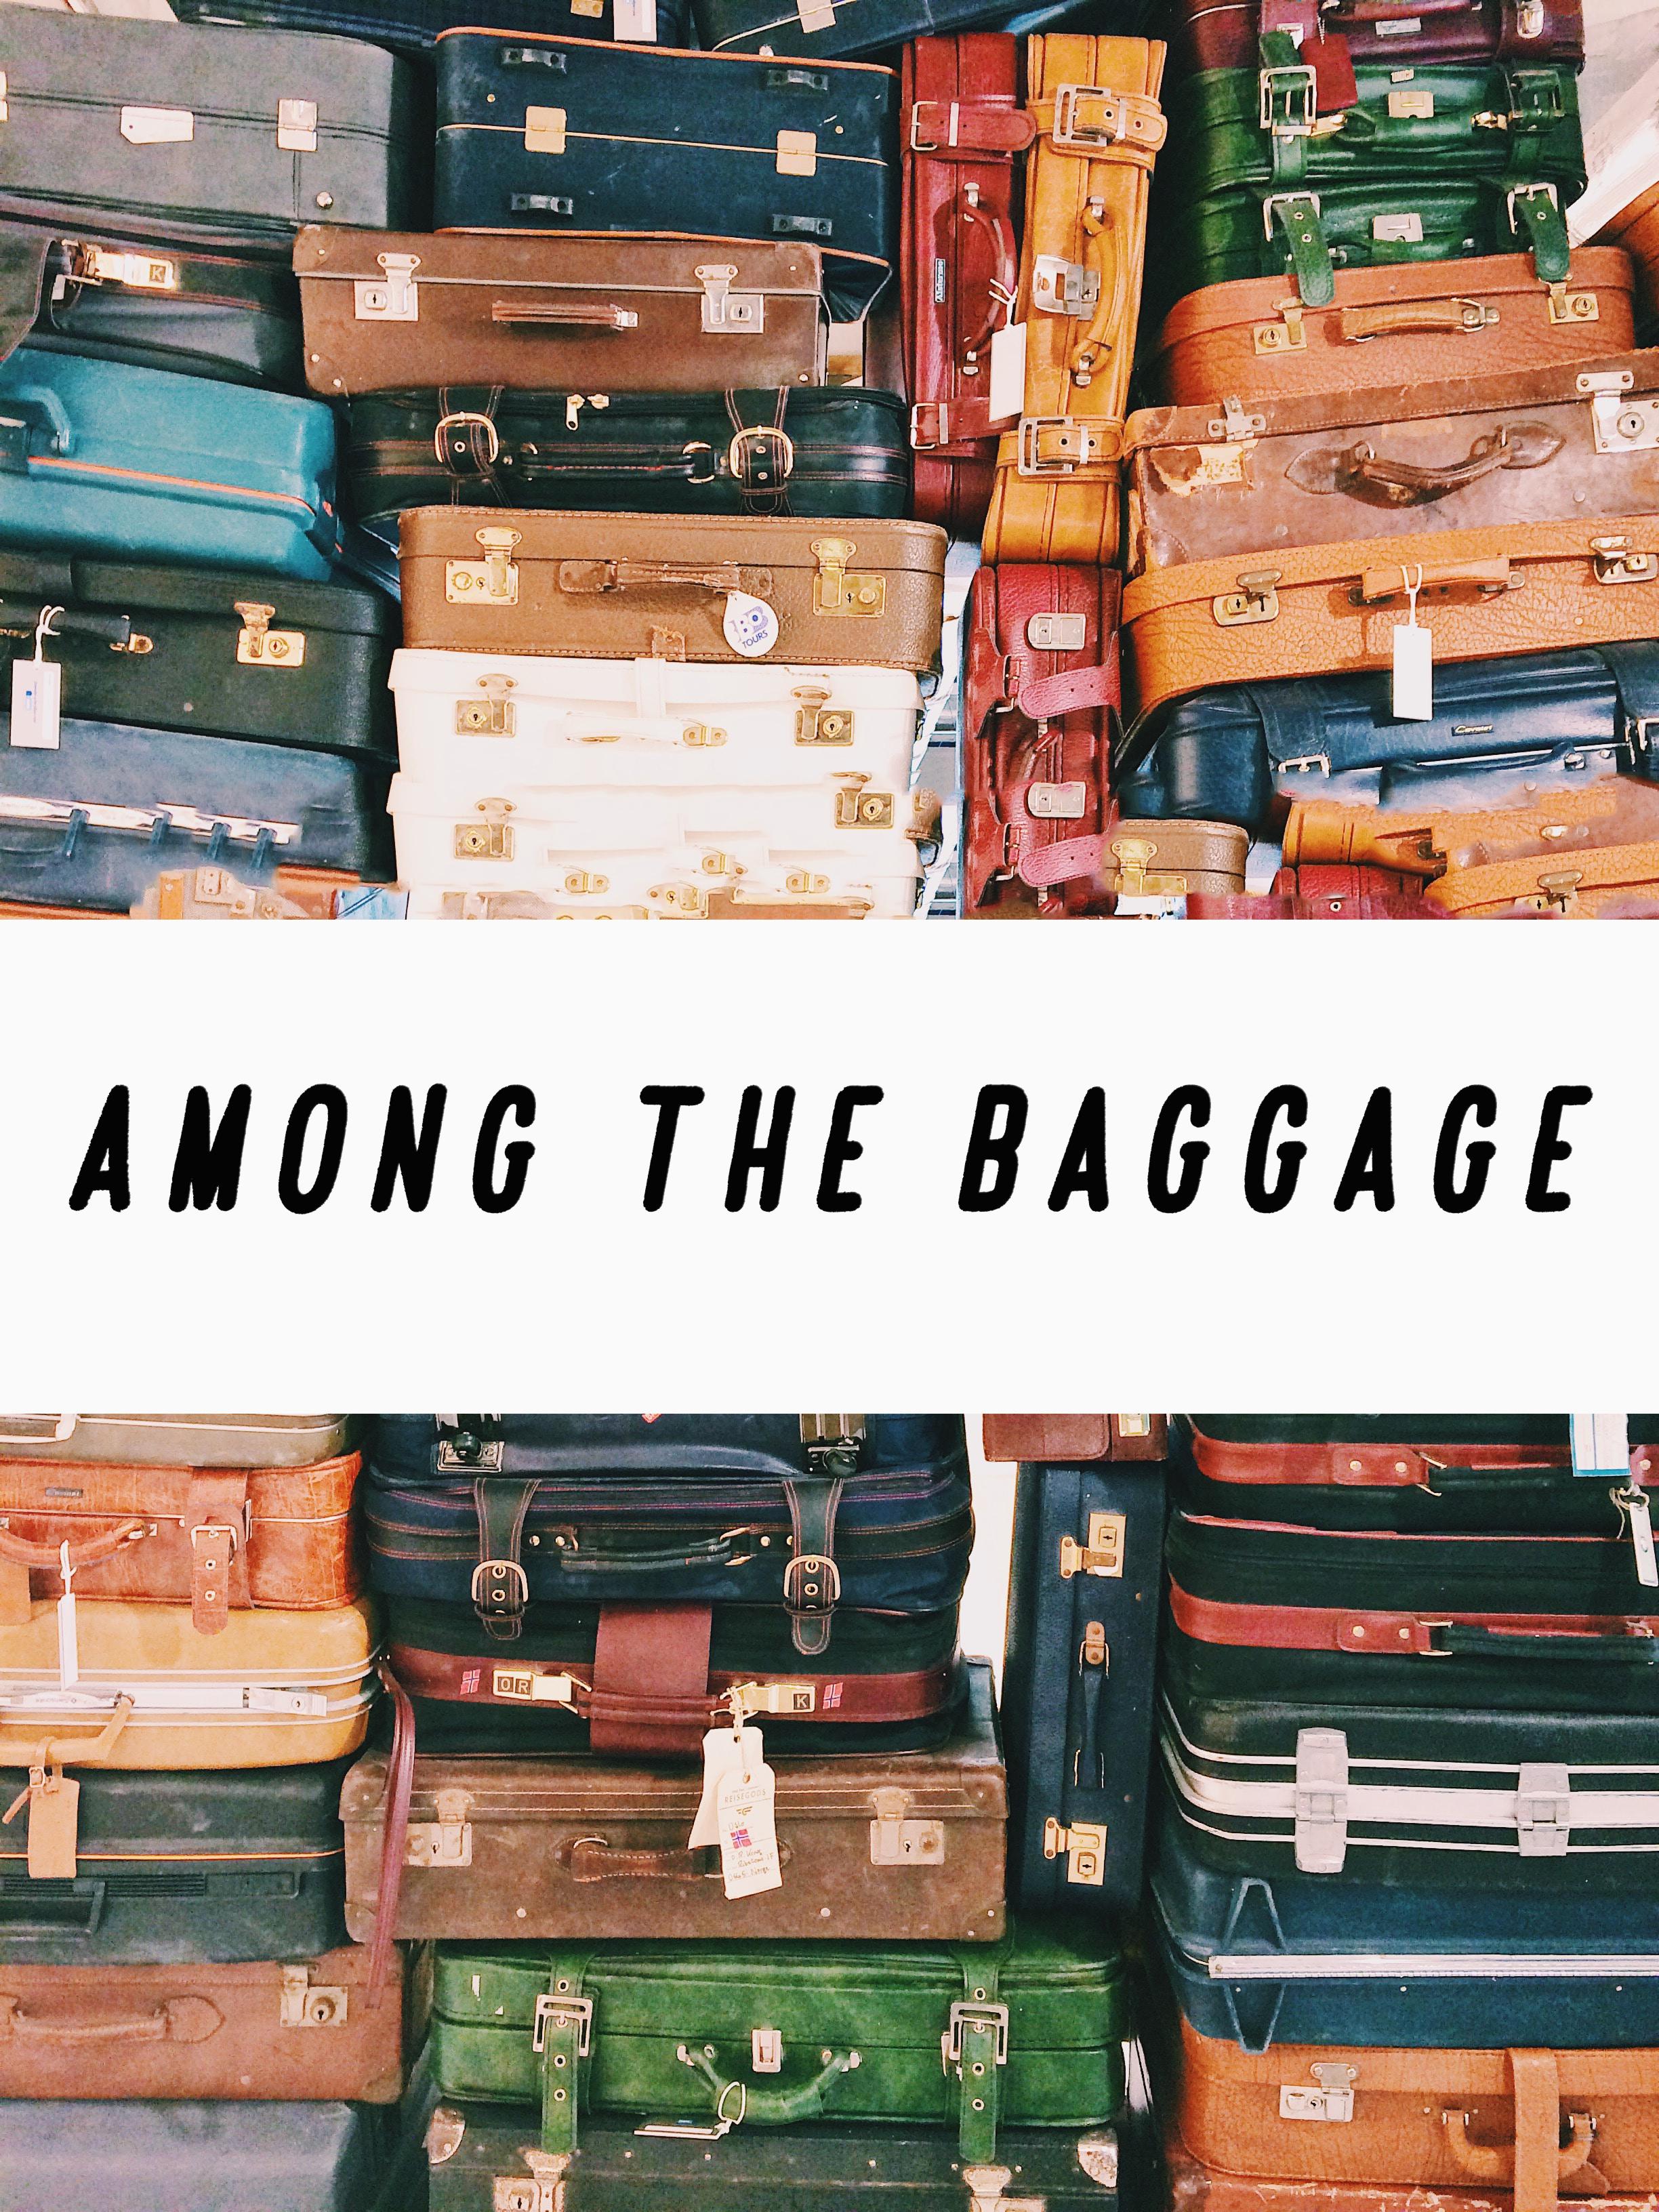 Among the baggage.jpg